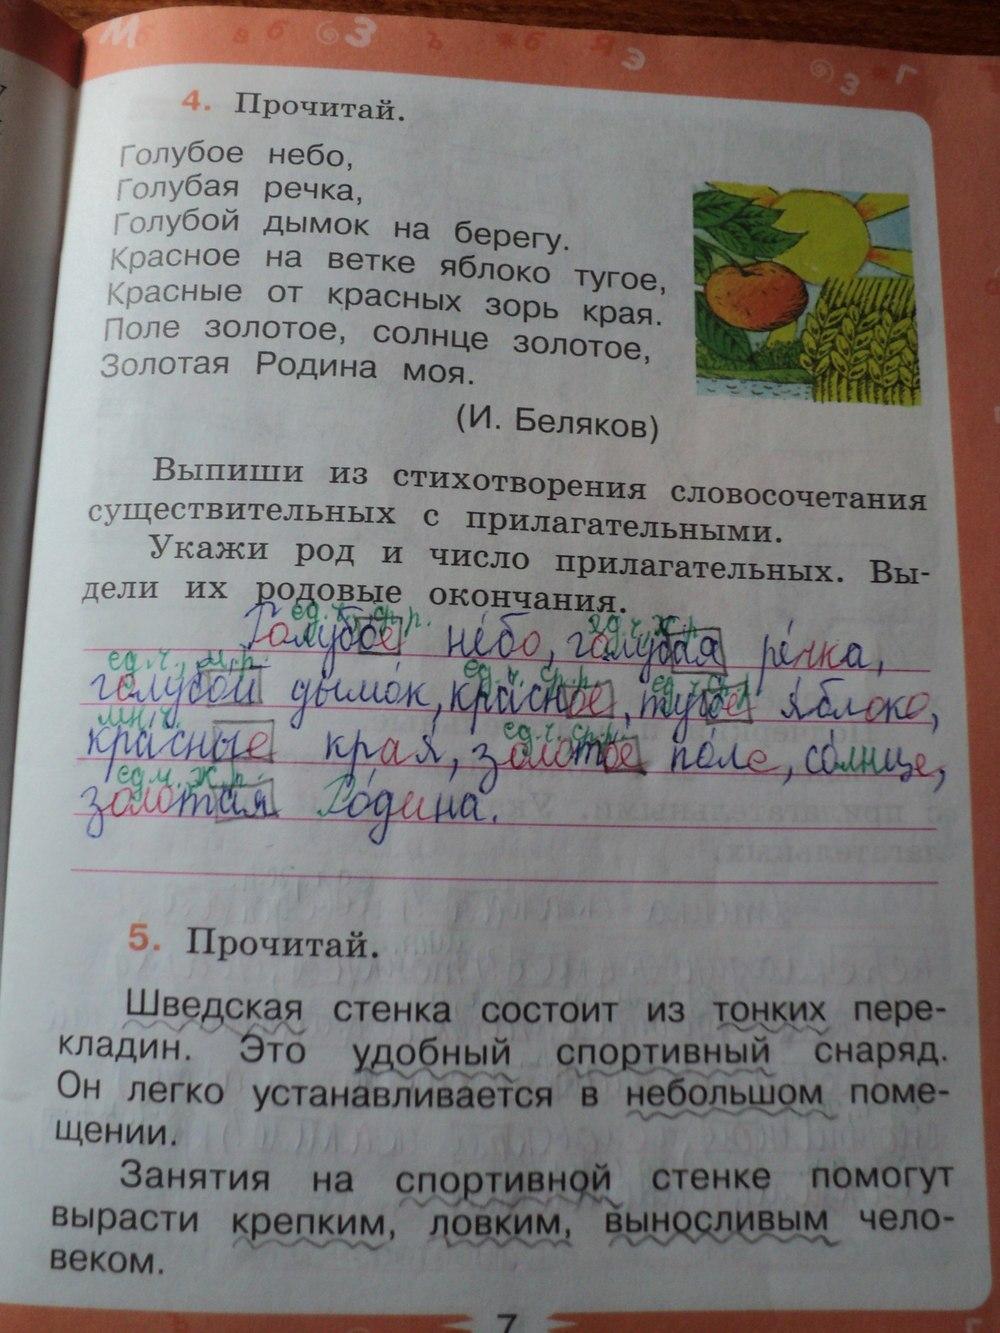 Гдз по русскому языку 4 класс дидактический материал зеленина.хохлова